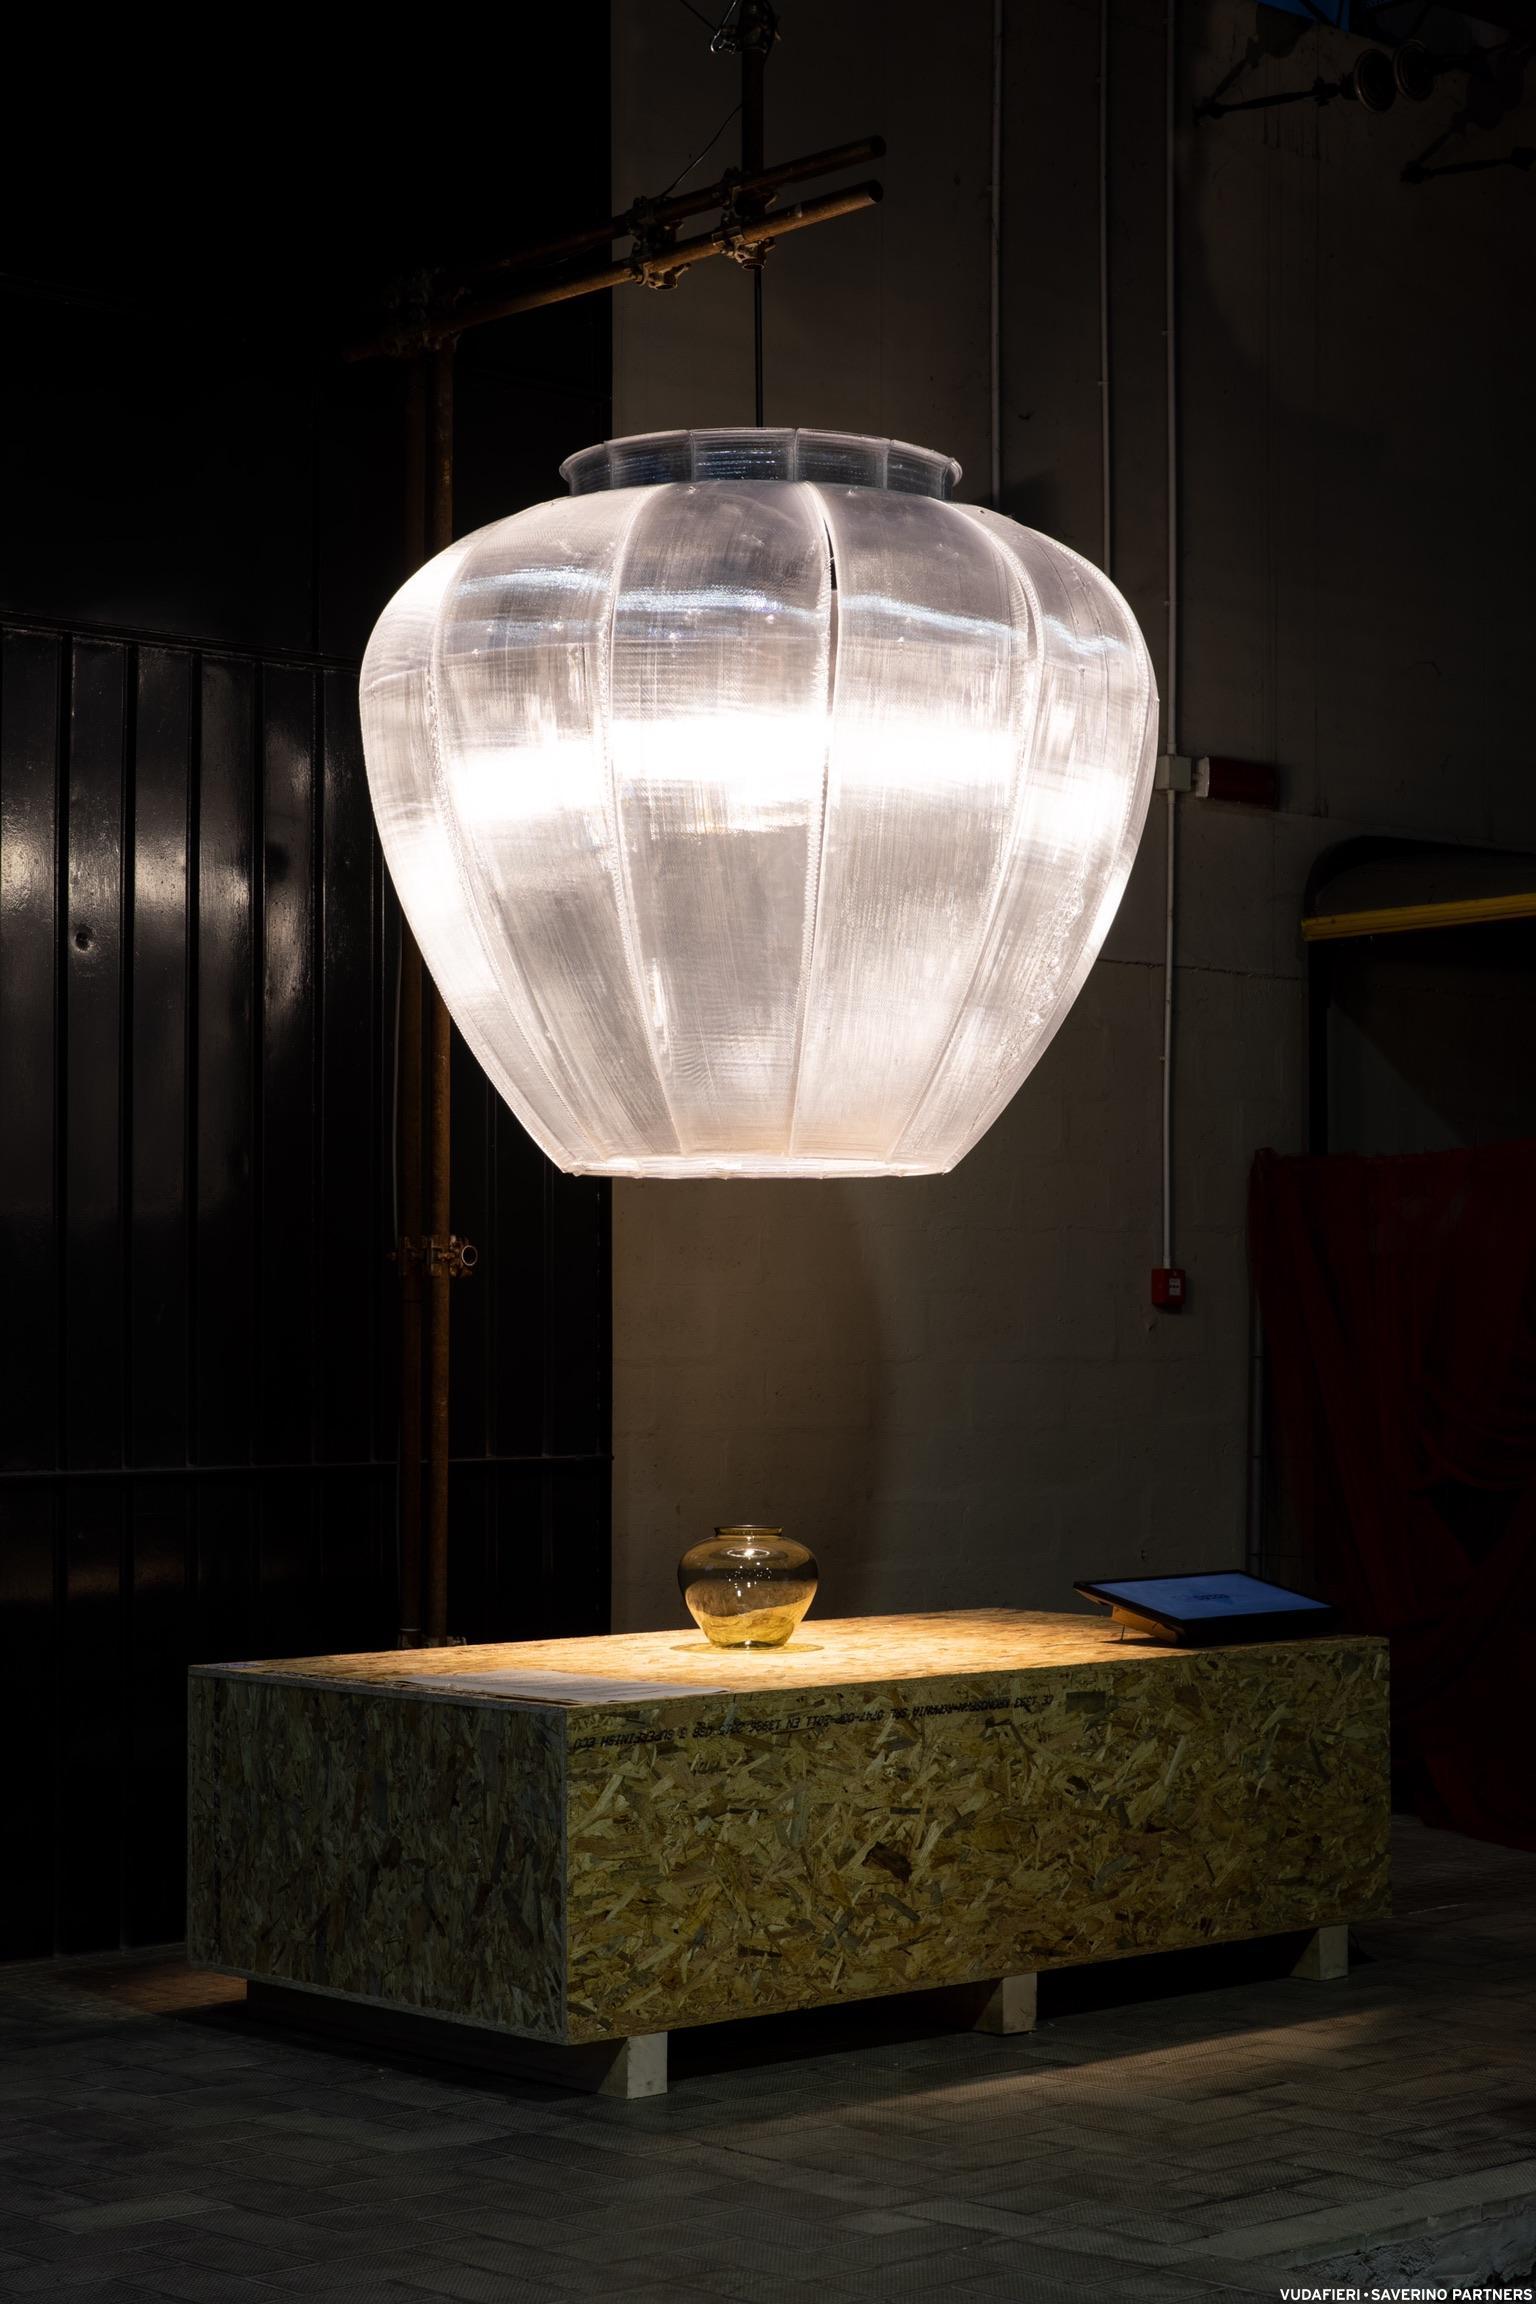 Größenvergleich: Oben die Lampe, unten die Vase. (Foto: Tiziano Vudafieri)